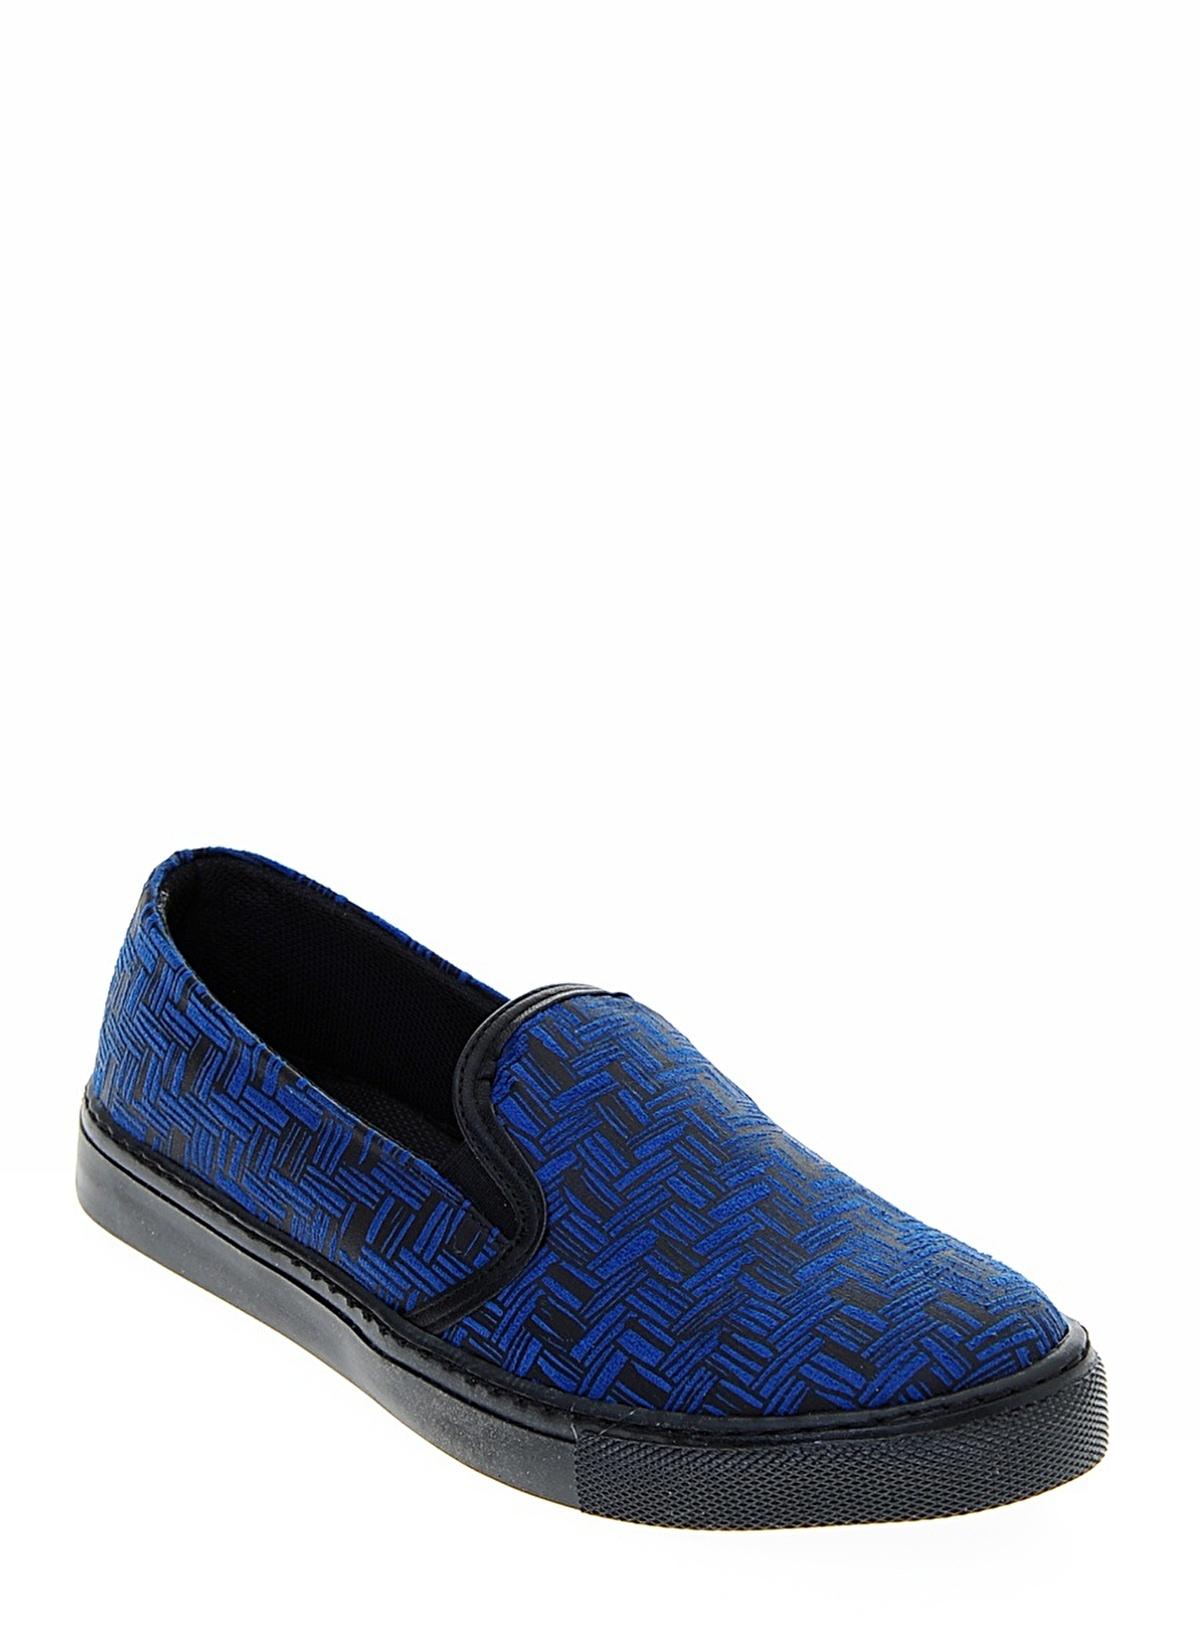 Divarese Lifestyle Ayakkabı 5013319 K Ayakkabı – 124.5 TL